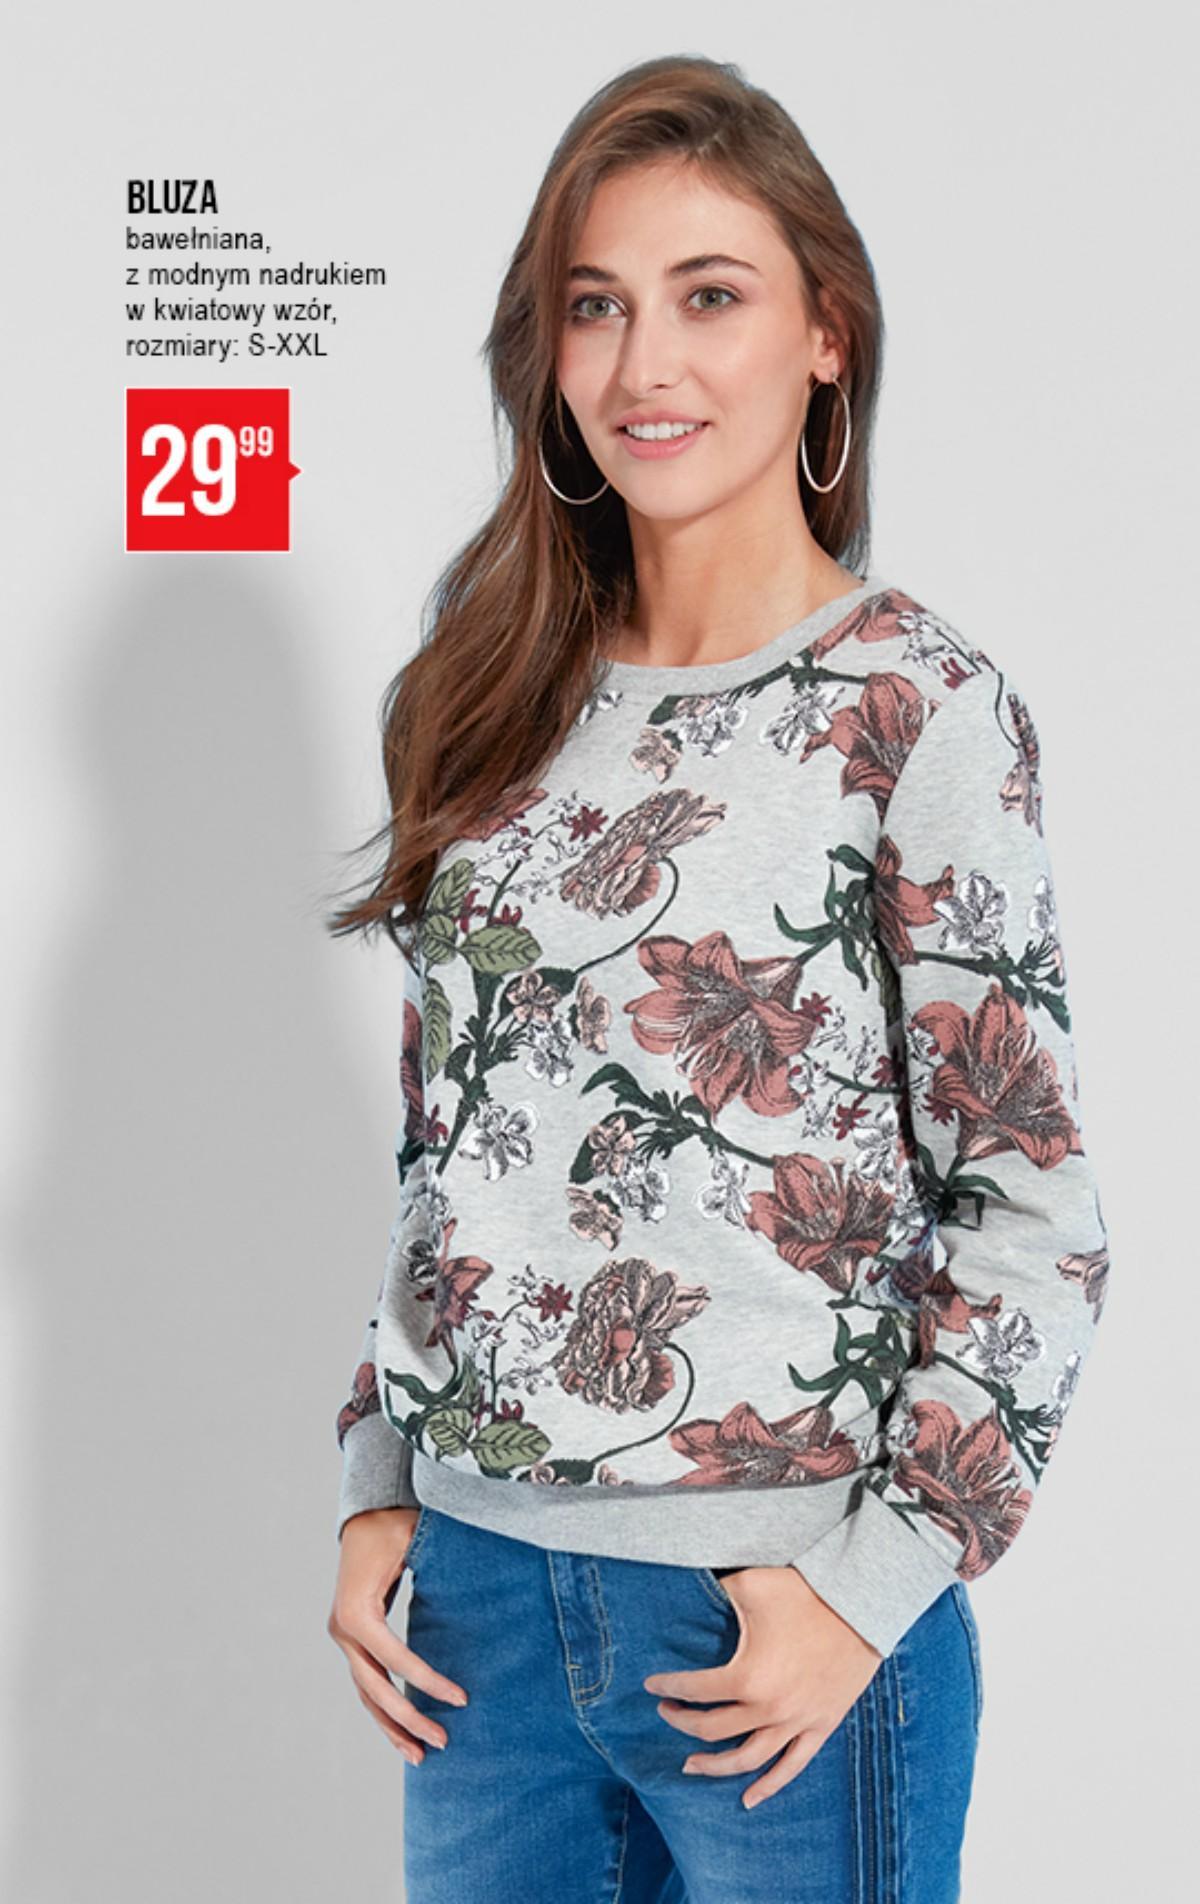 Bluza roślinny motyw - PEPCO 29,99 zł